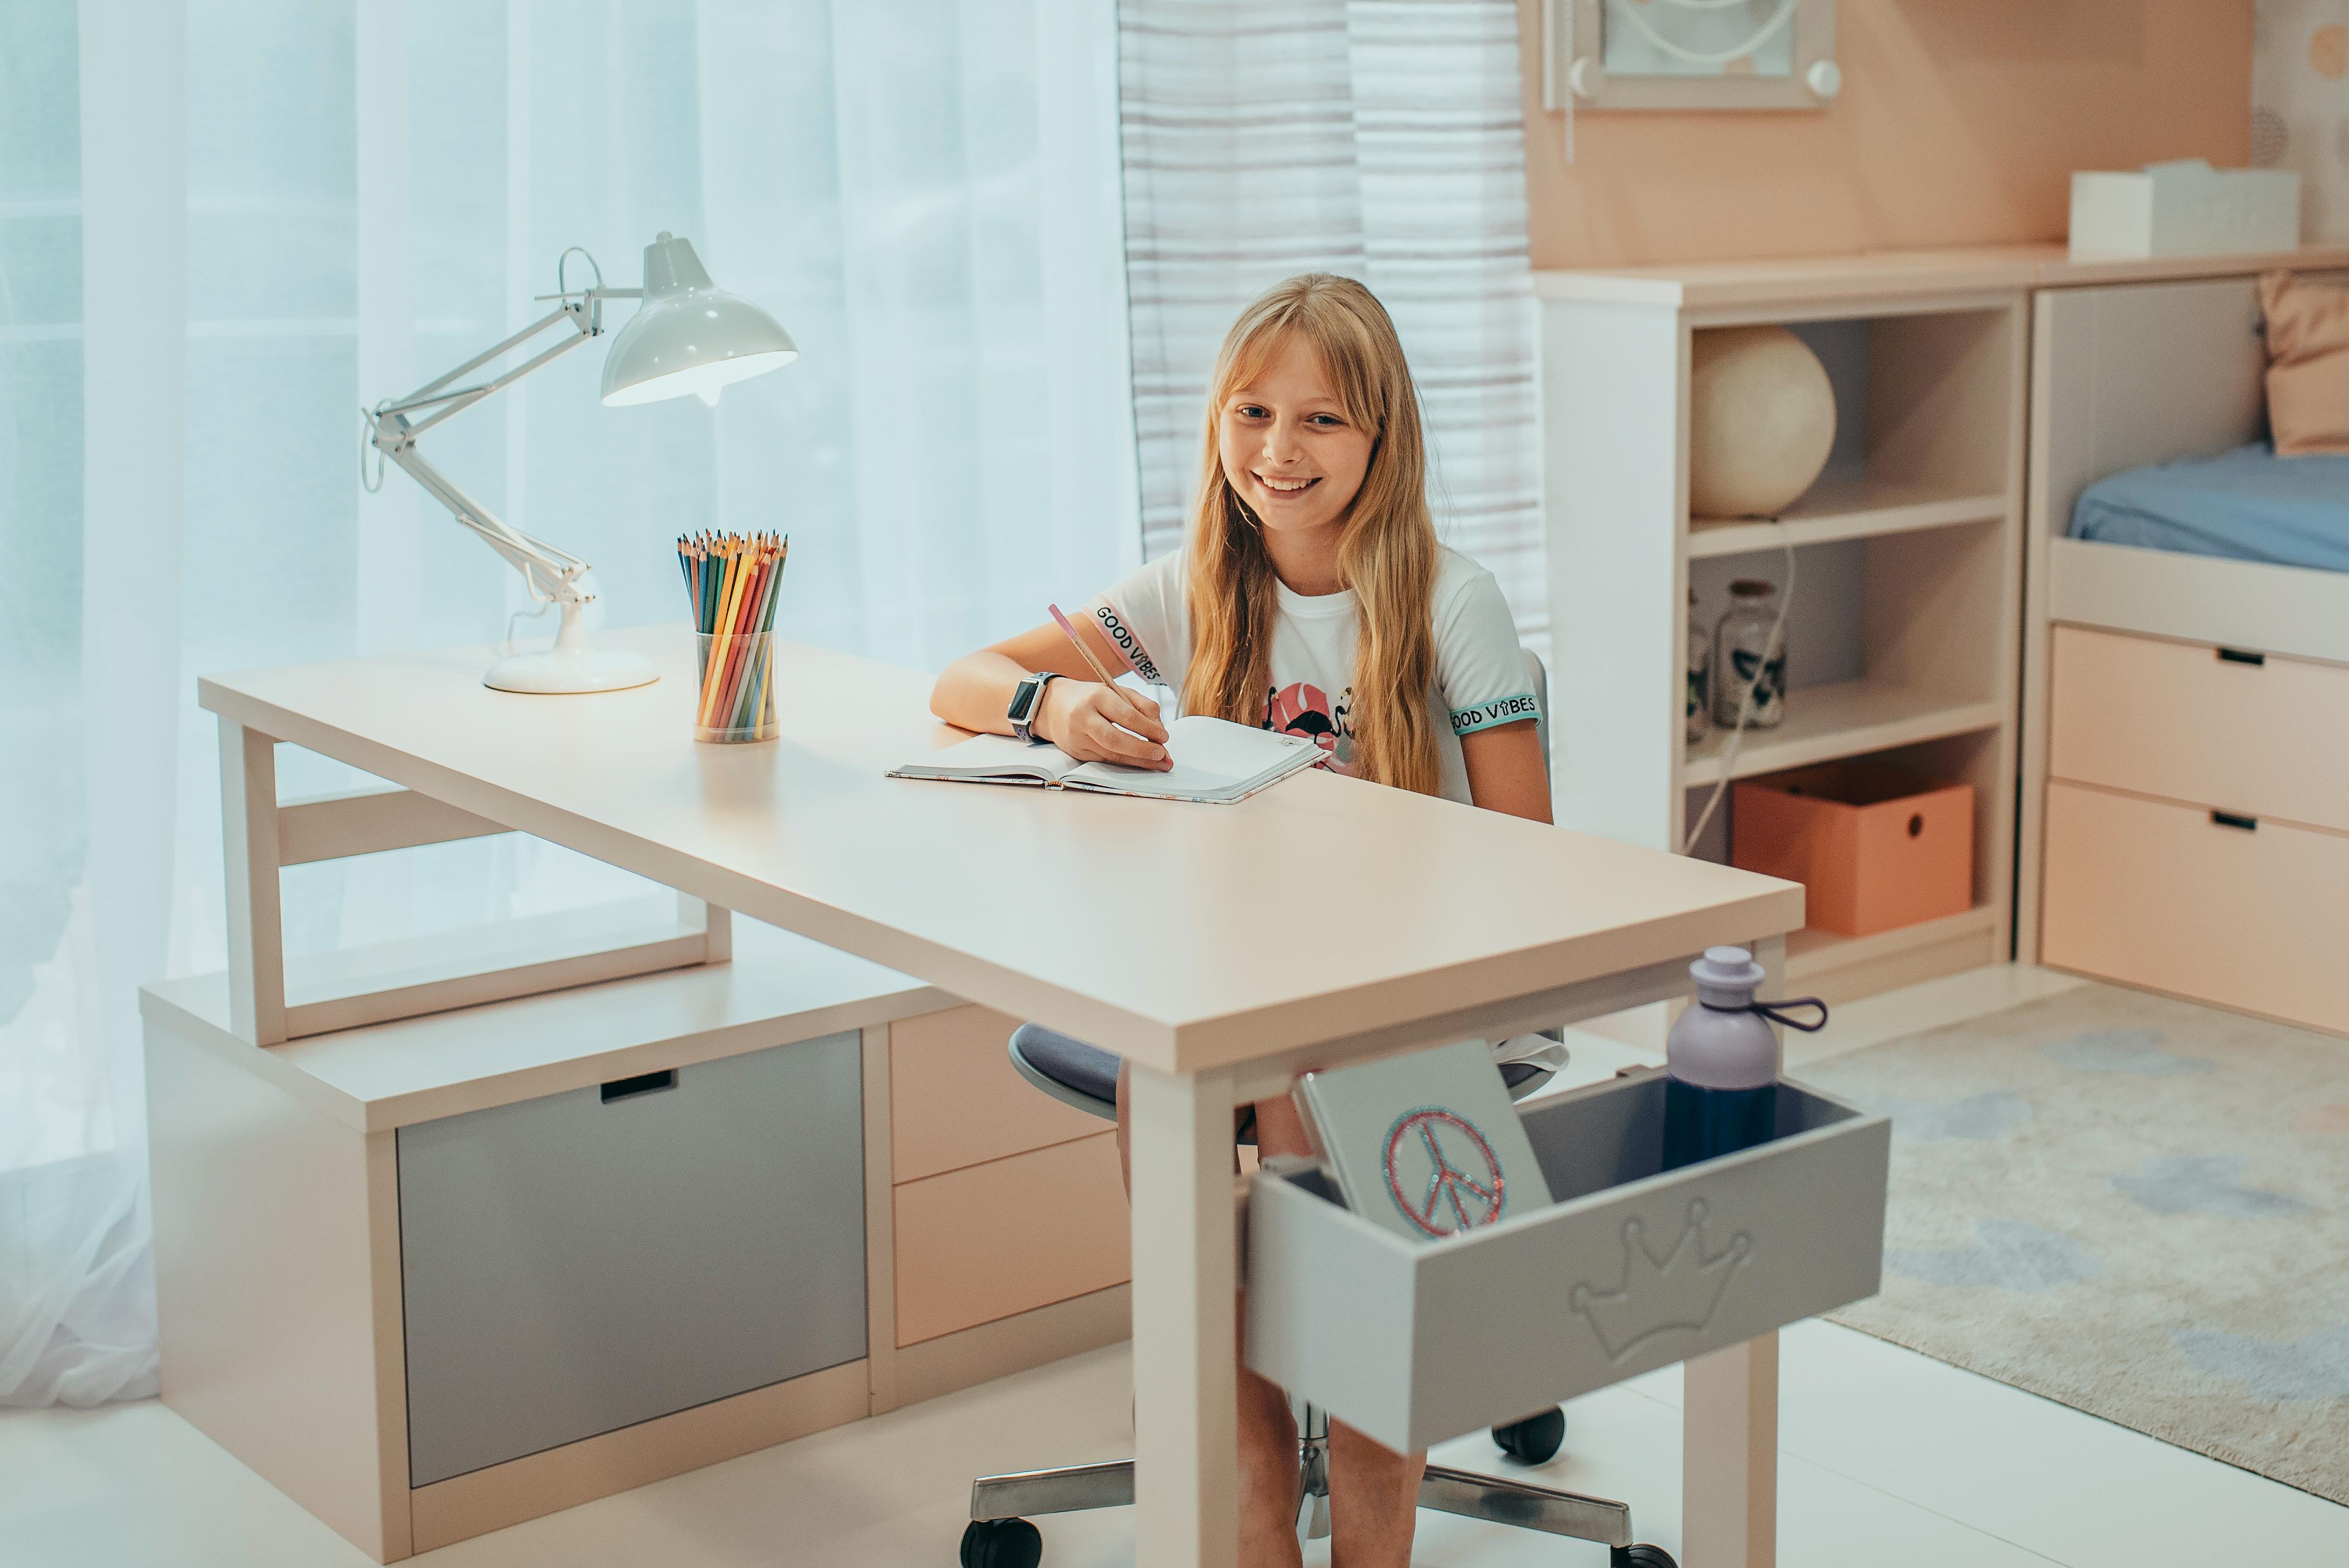 2_Varianta pracovního koutu pro školačku s obráceným stolem_foto Viabel - Lucia Rambousková_repro zdarma